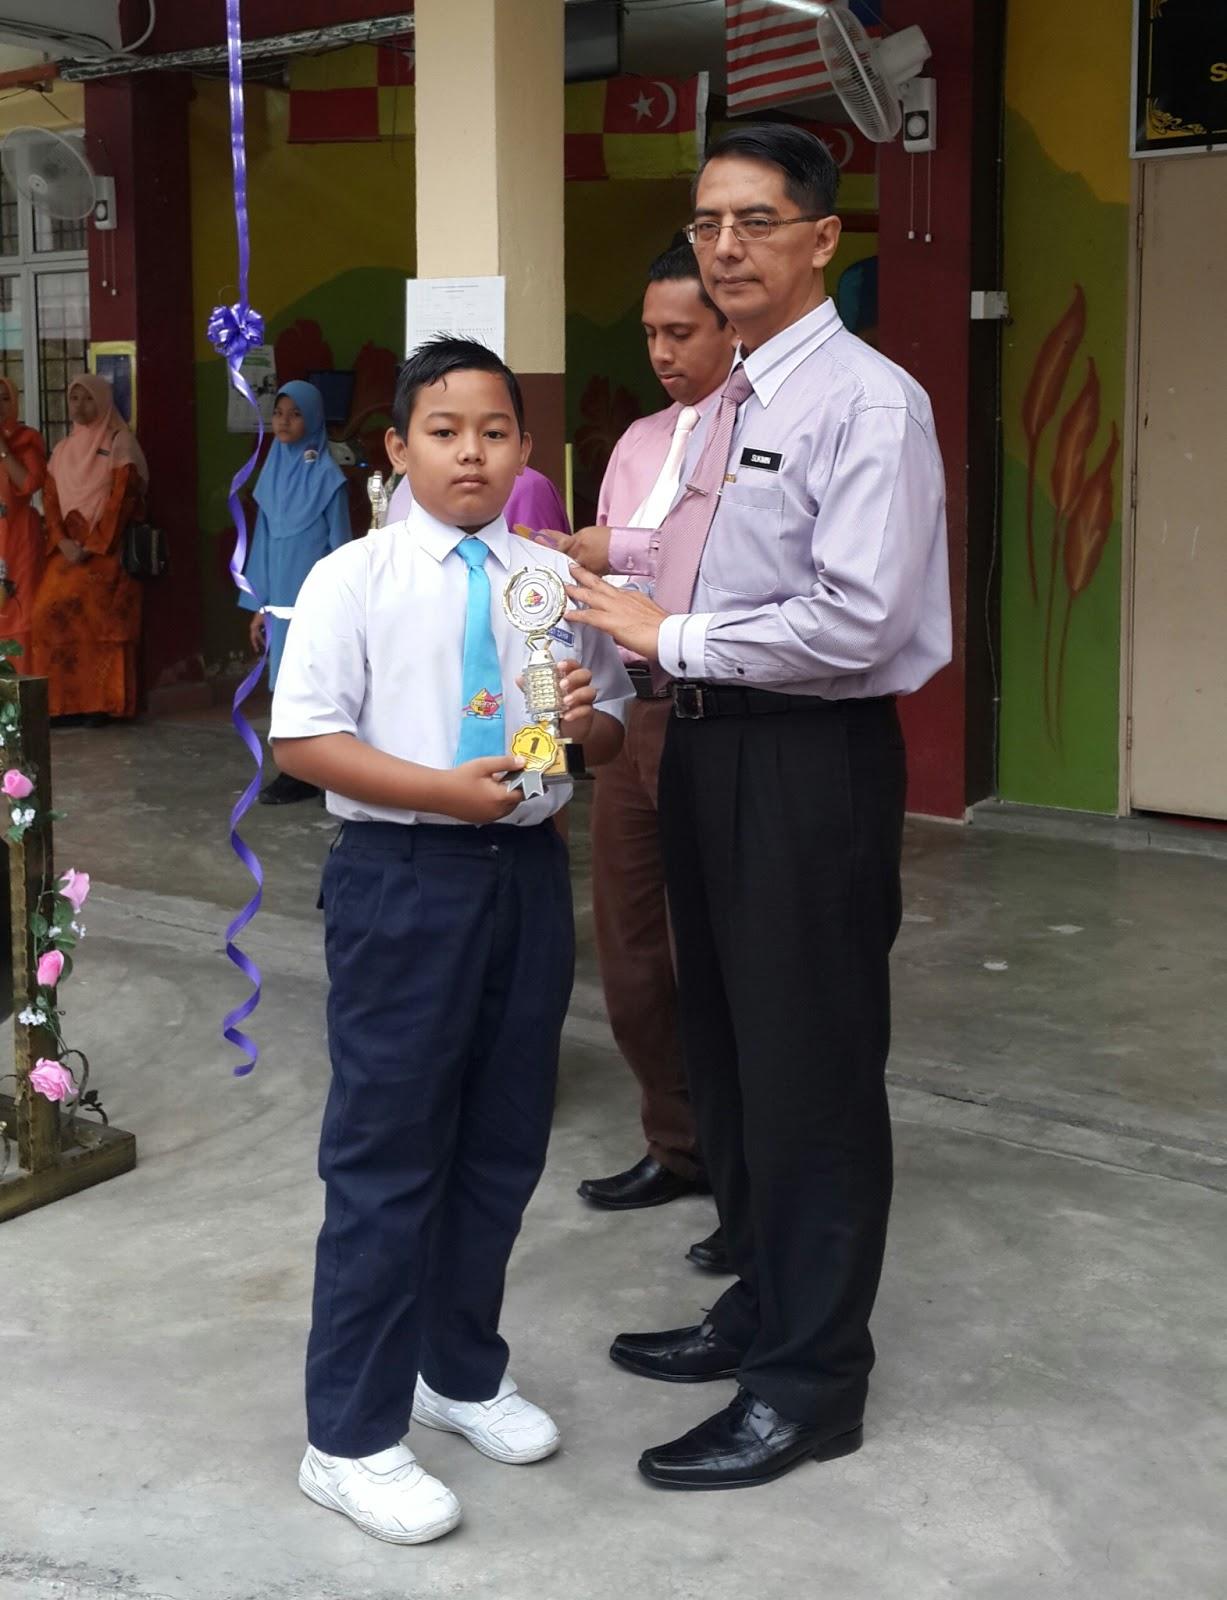 Sekolah Kebangsaan Taman Putra Perdana: LAPORAN